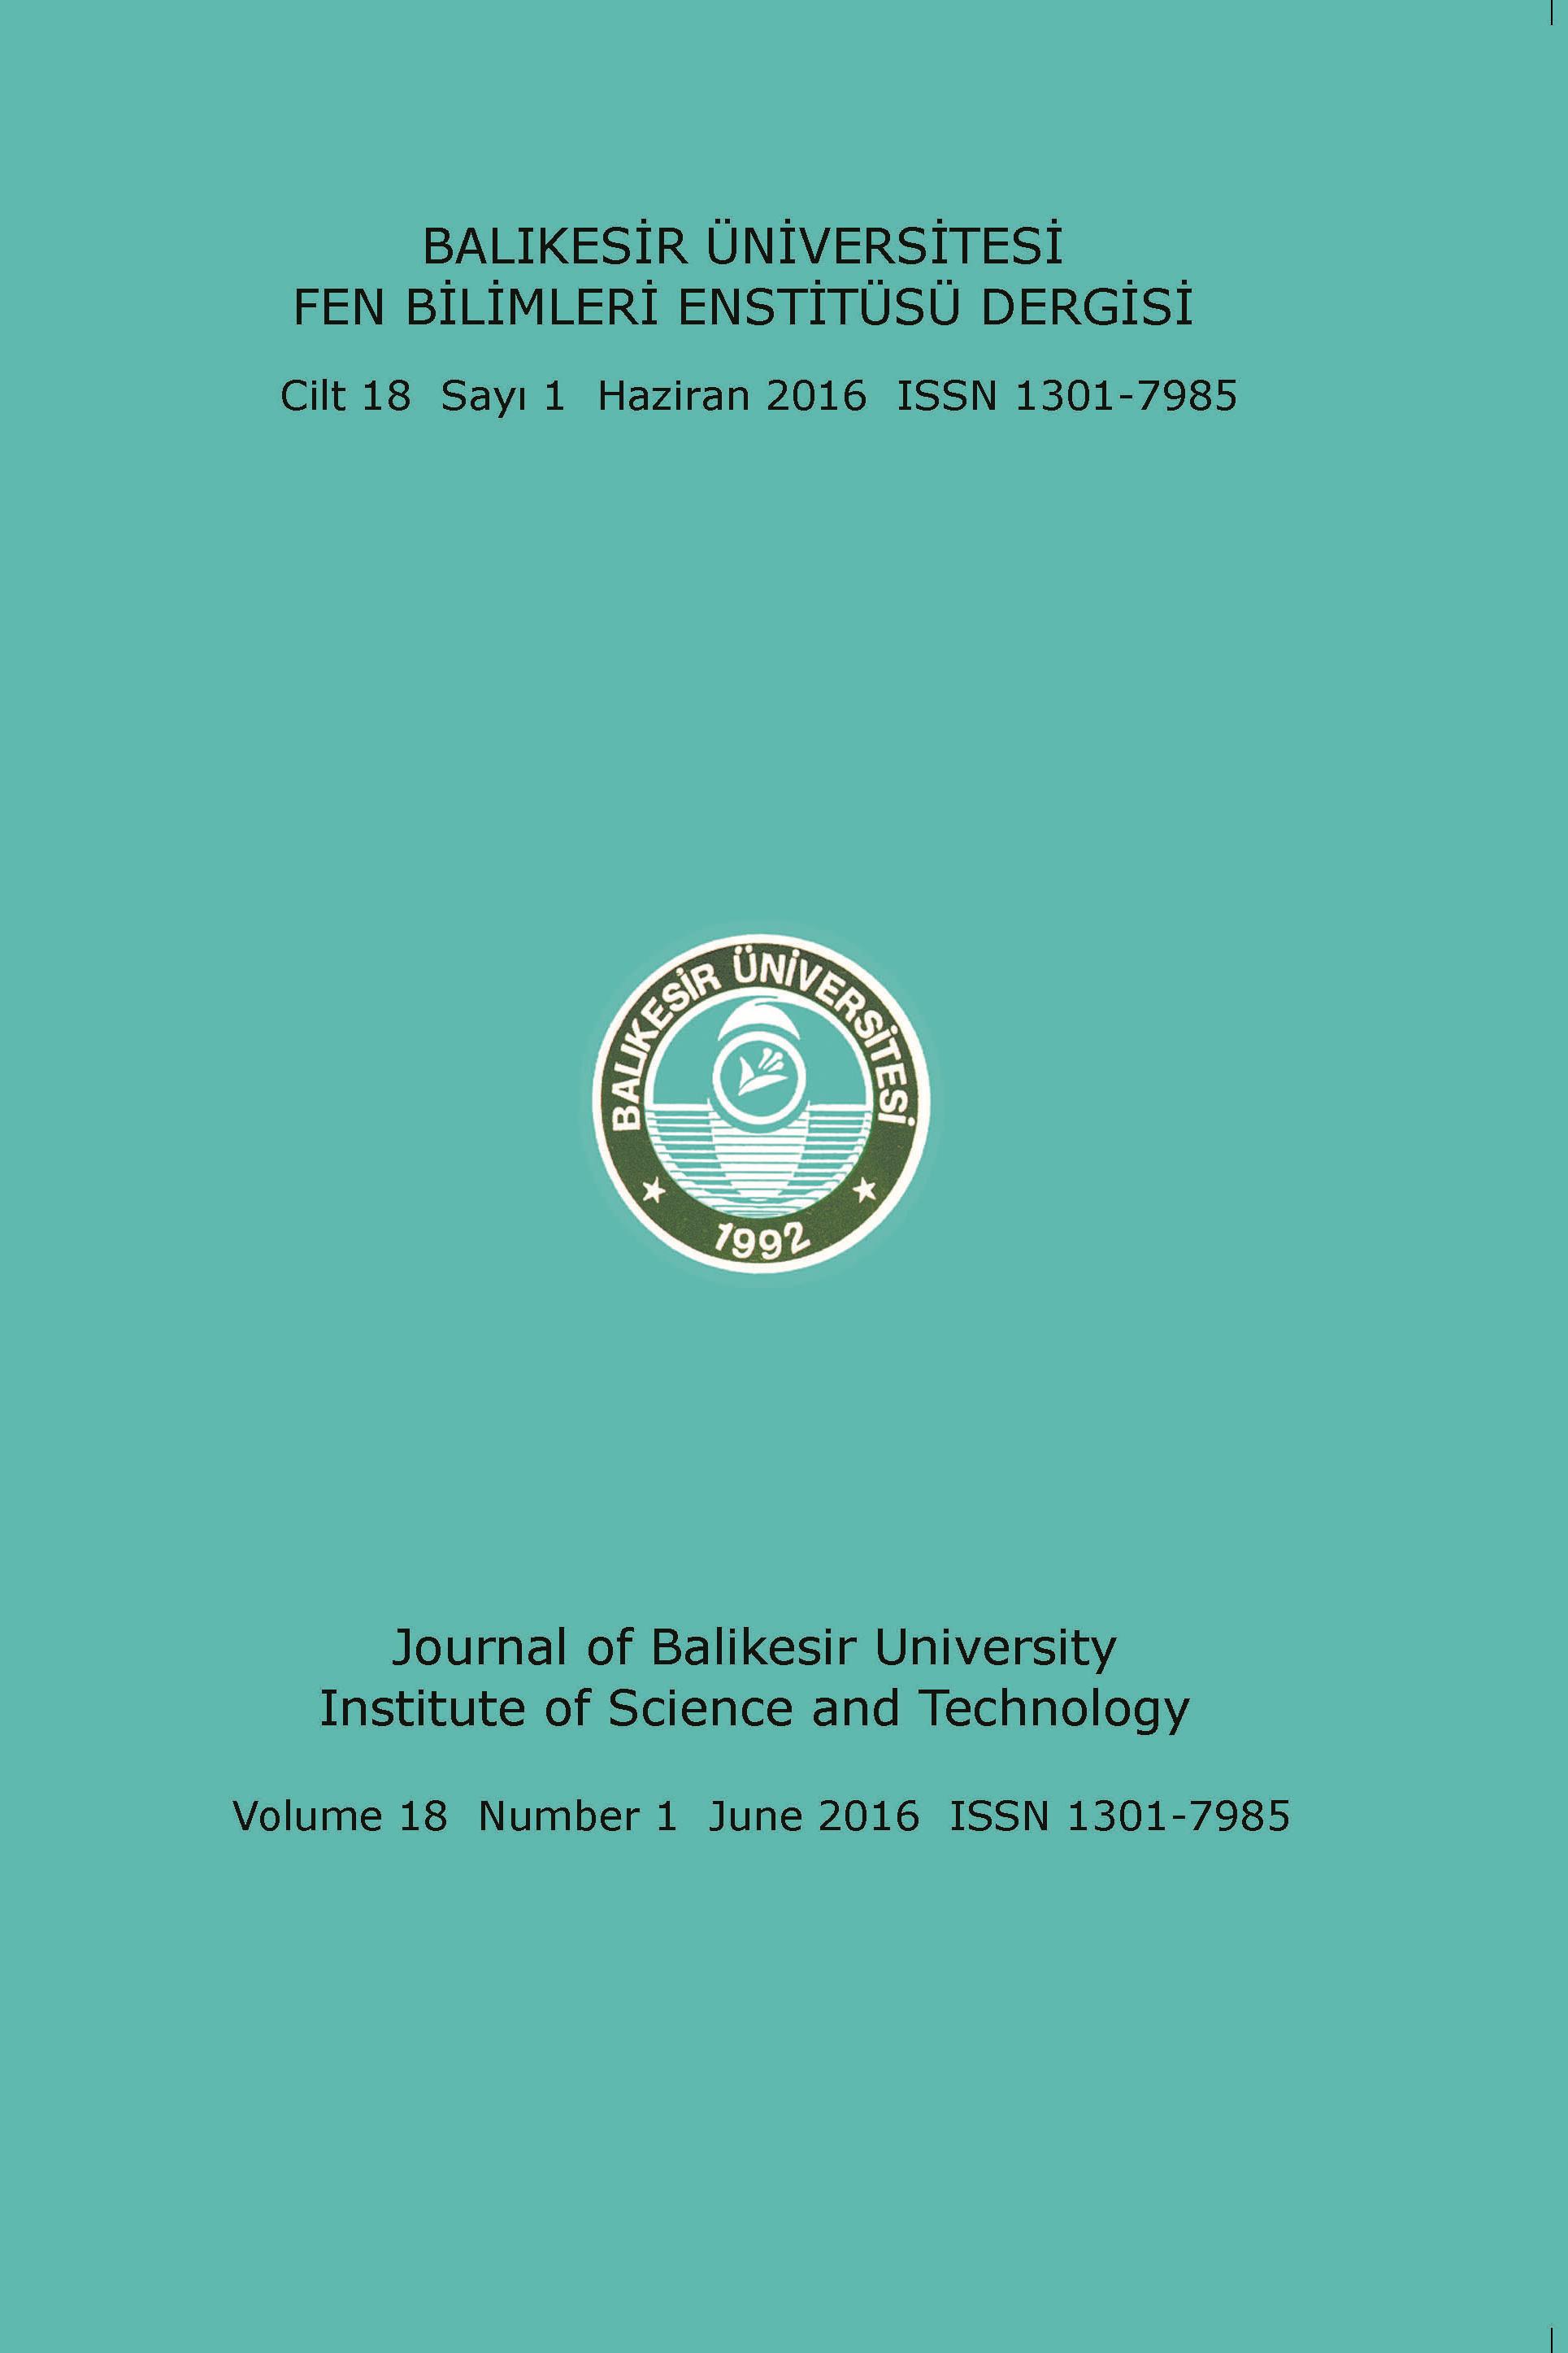 Balıkesir Üniversitesi Fen Bilimleri Enstitüsü Dergisi